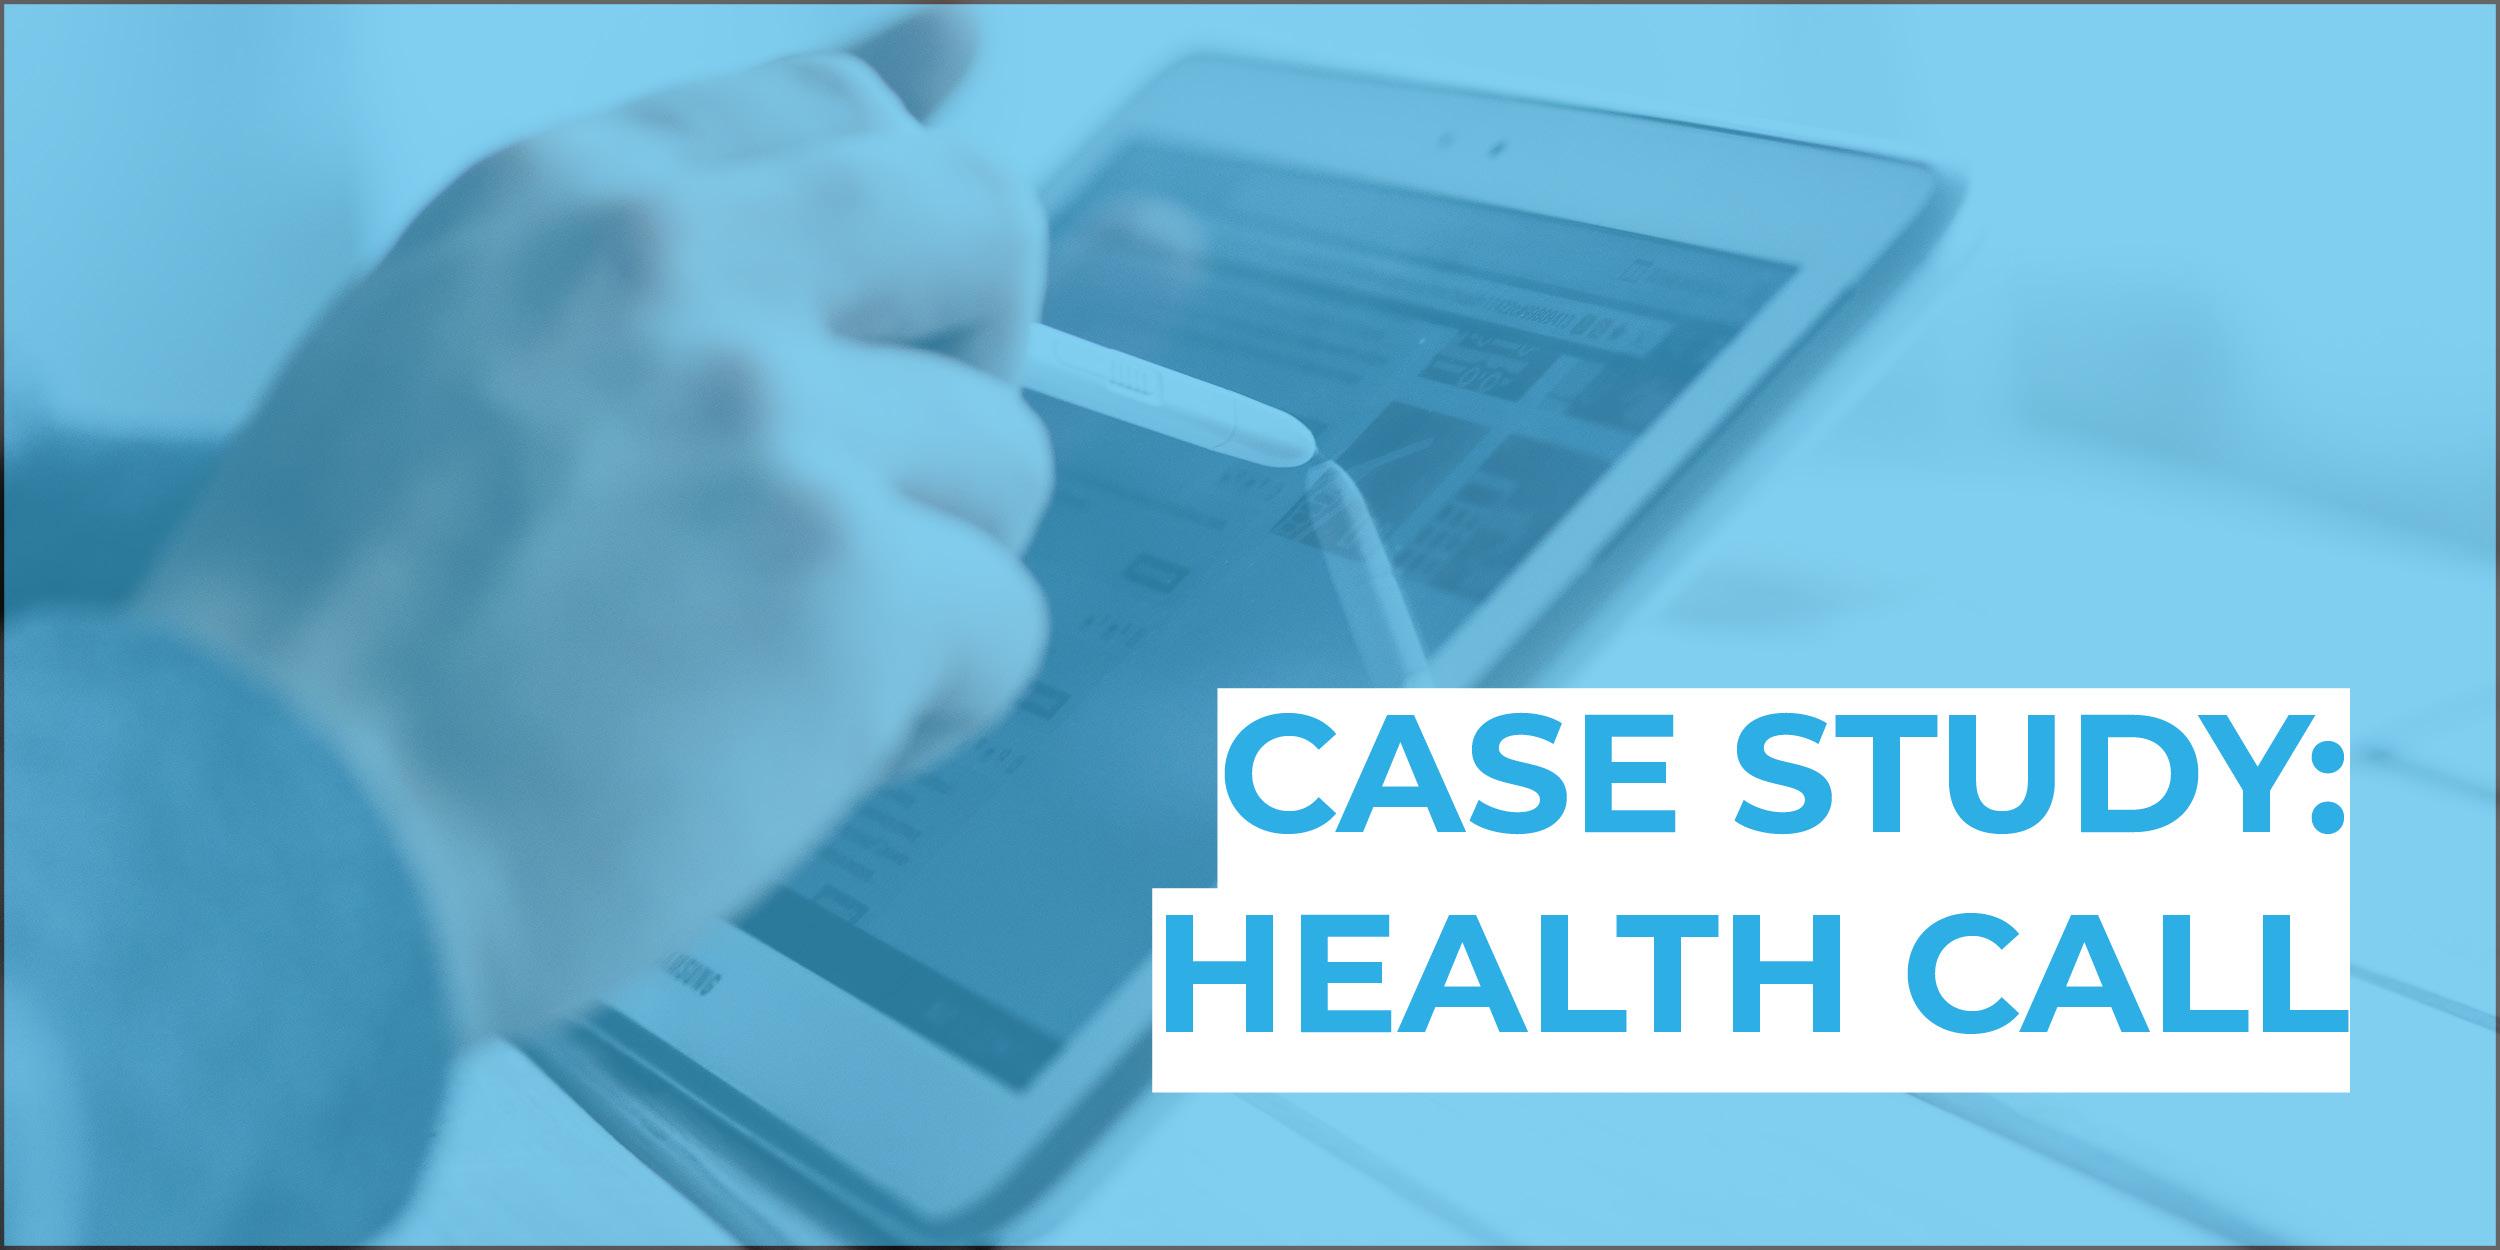 health-call-blue